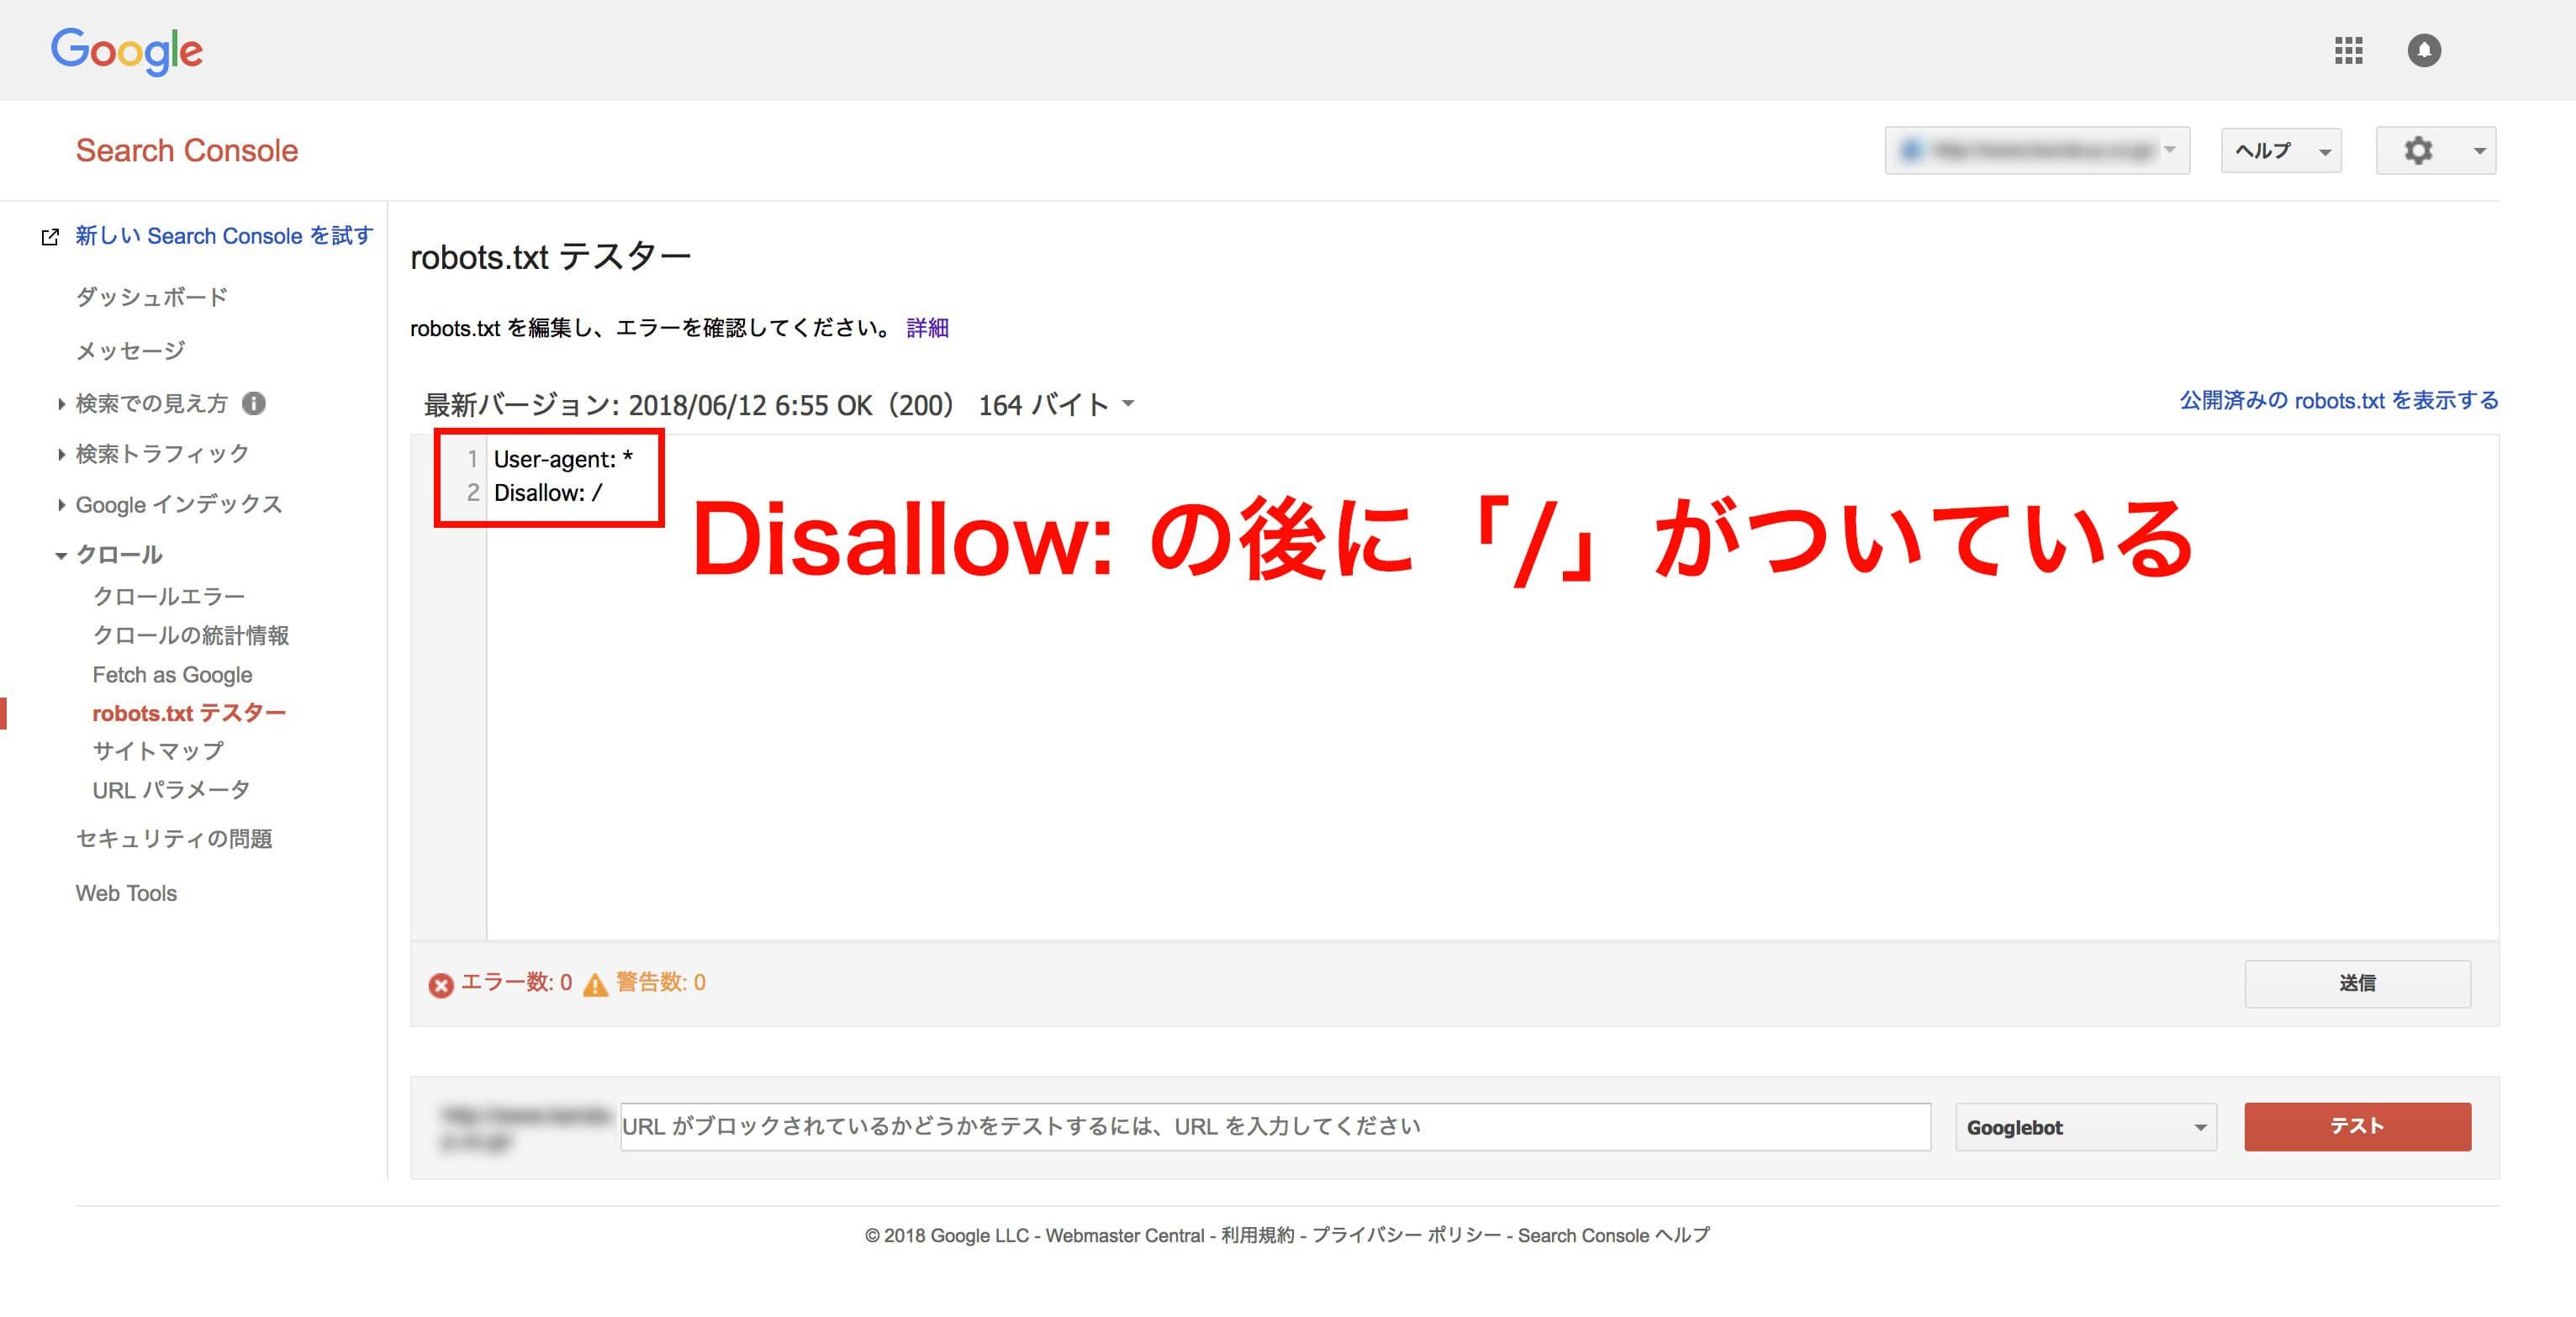 Disallow: の後に「/」がついている